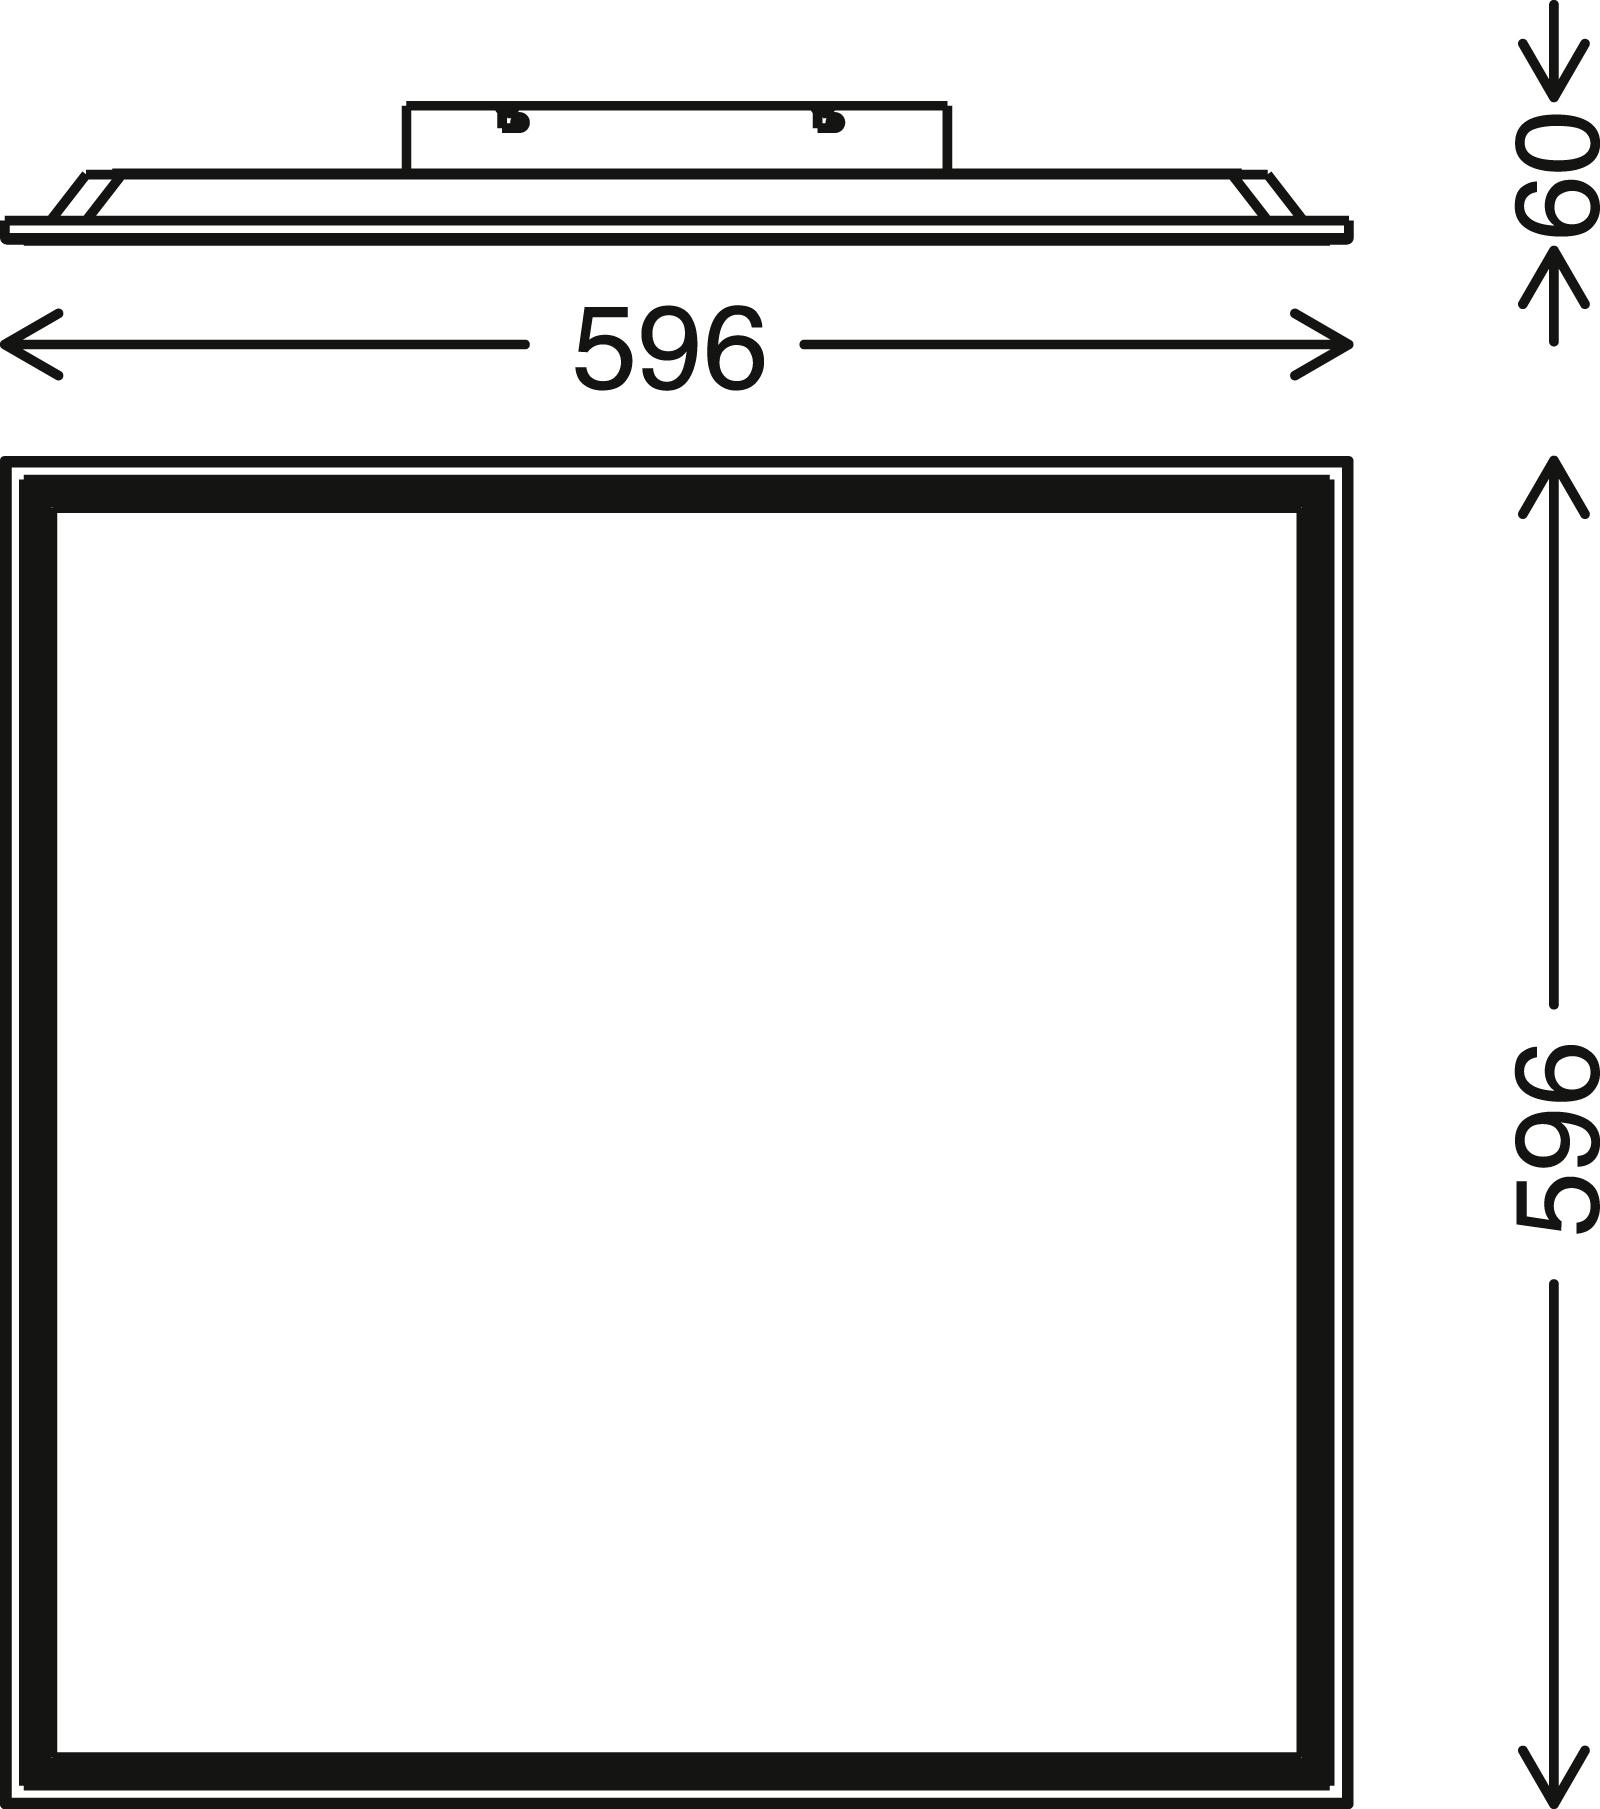 STERNENHIMMEL LED Panel, 45 cm, 2400 LUMEN, 24 WATT, Weiss